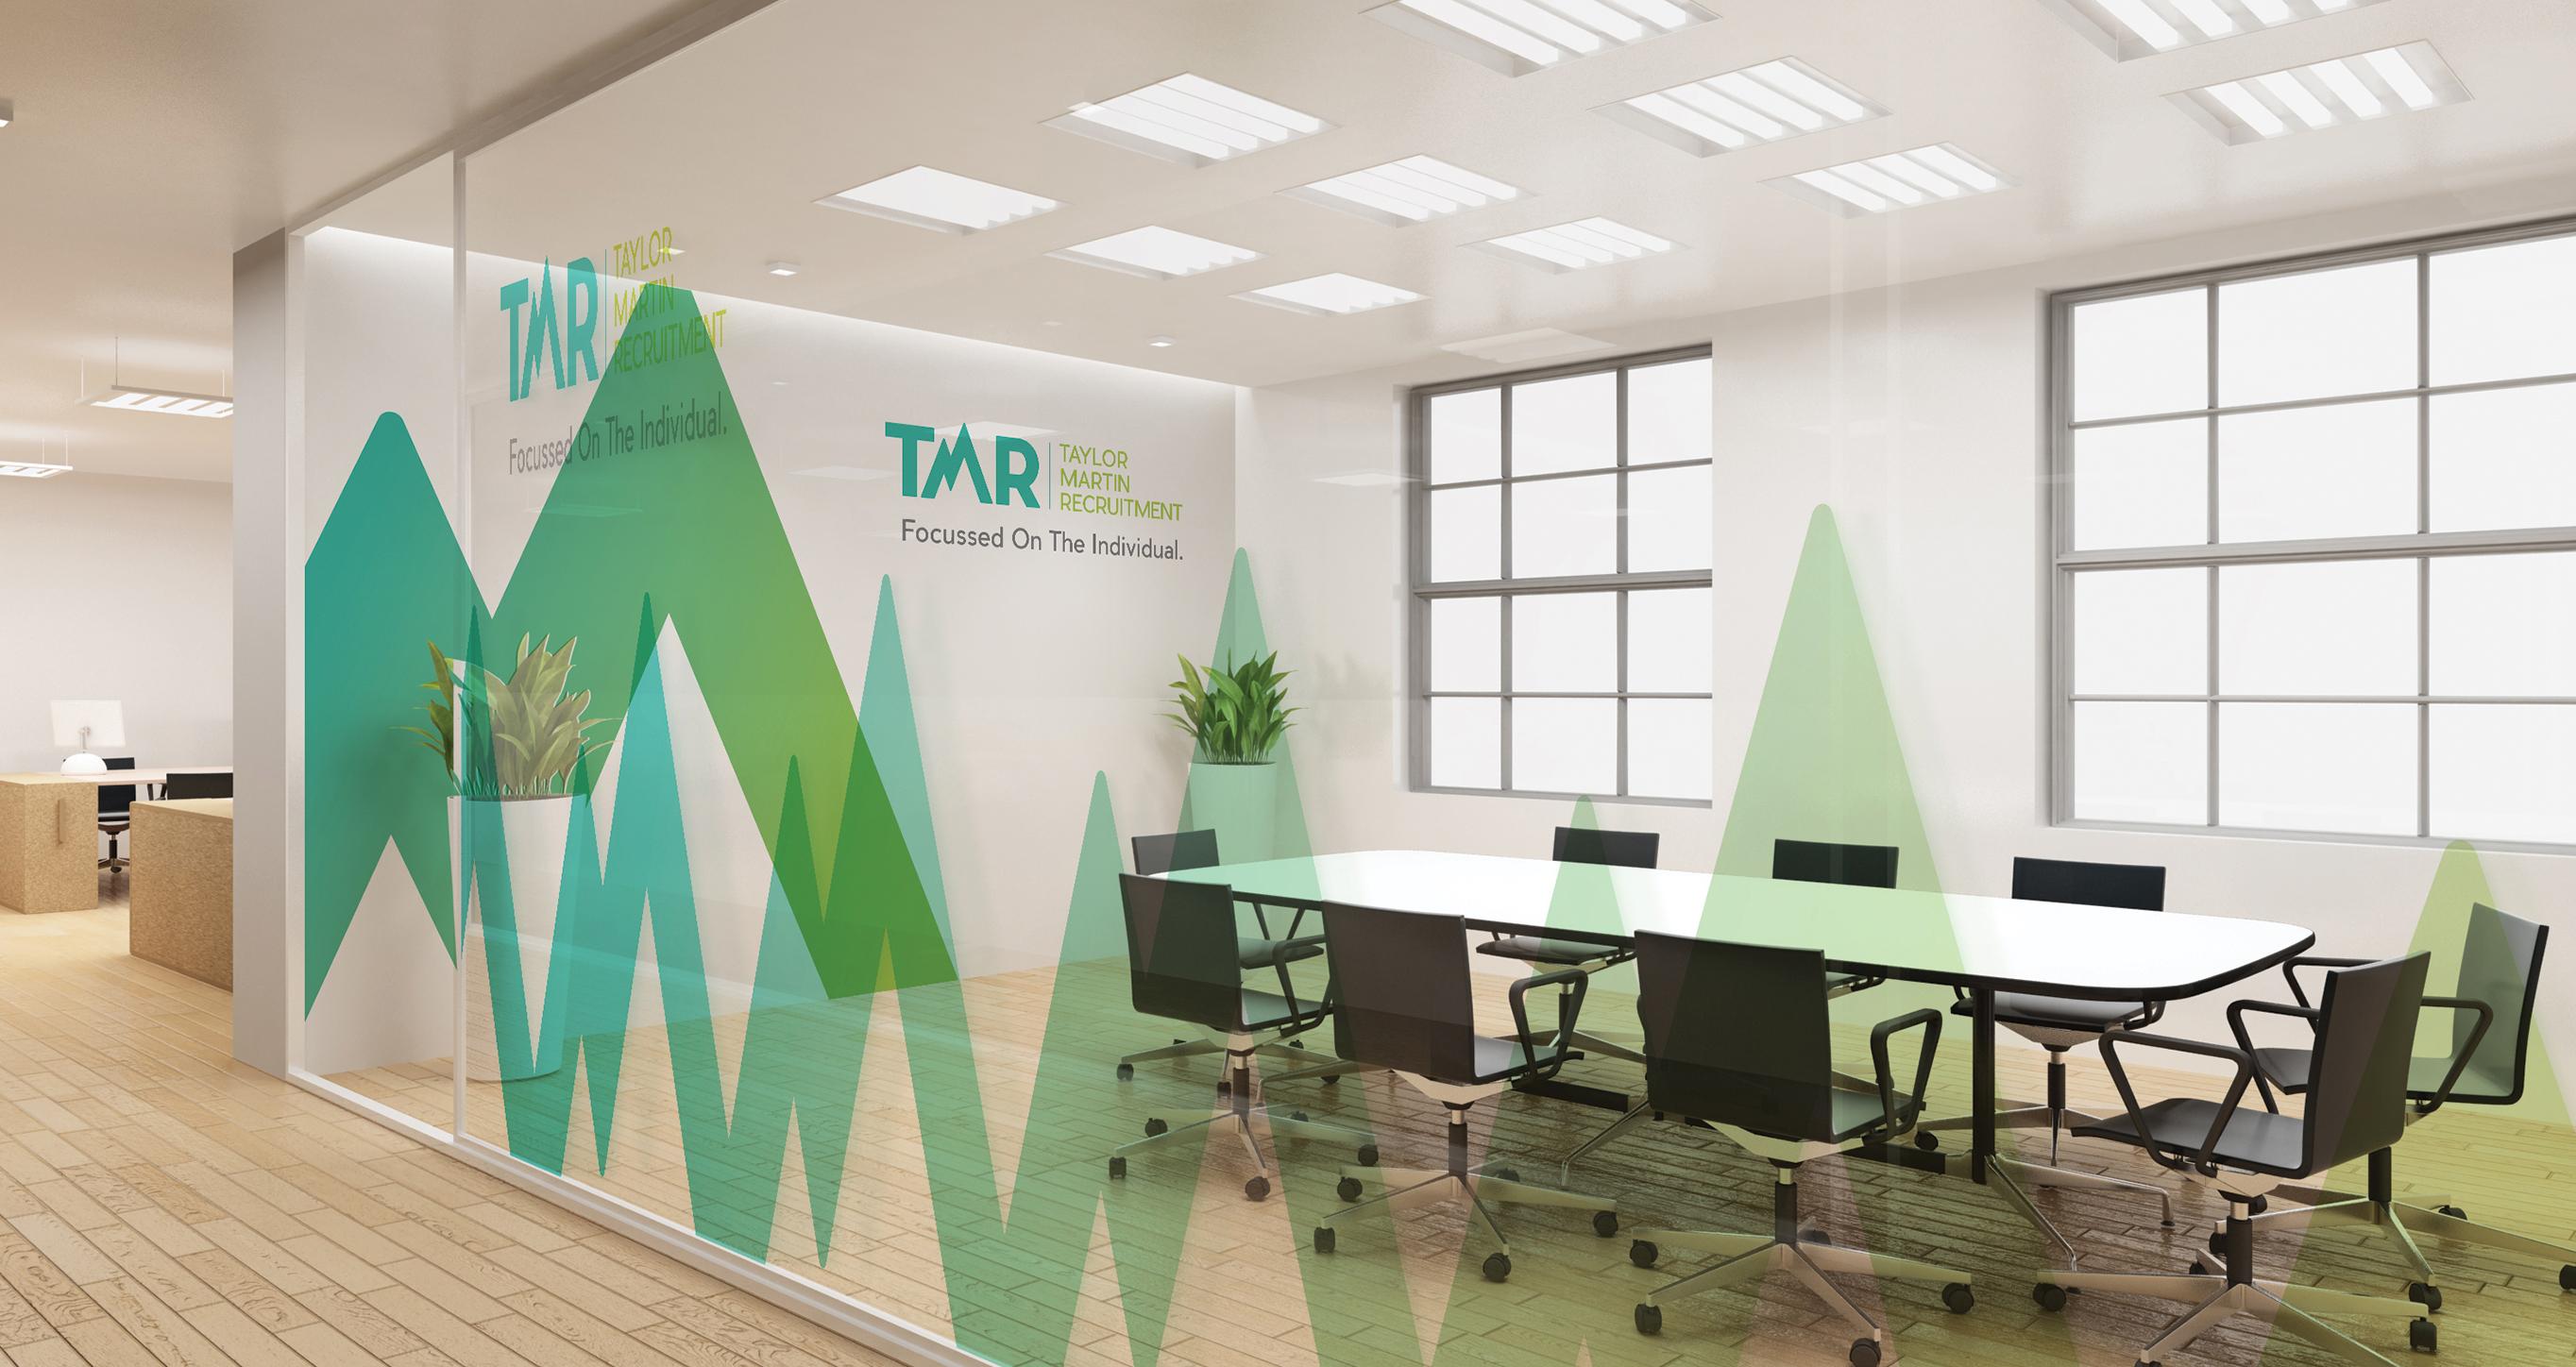 TMR meeting room signage design